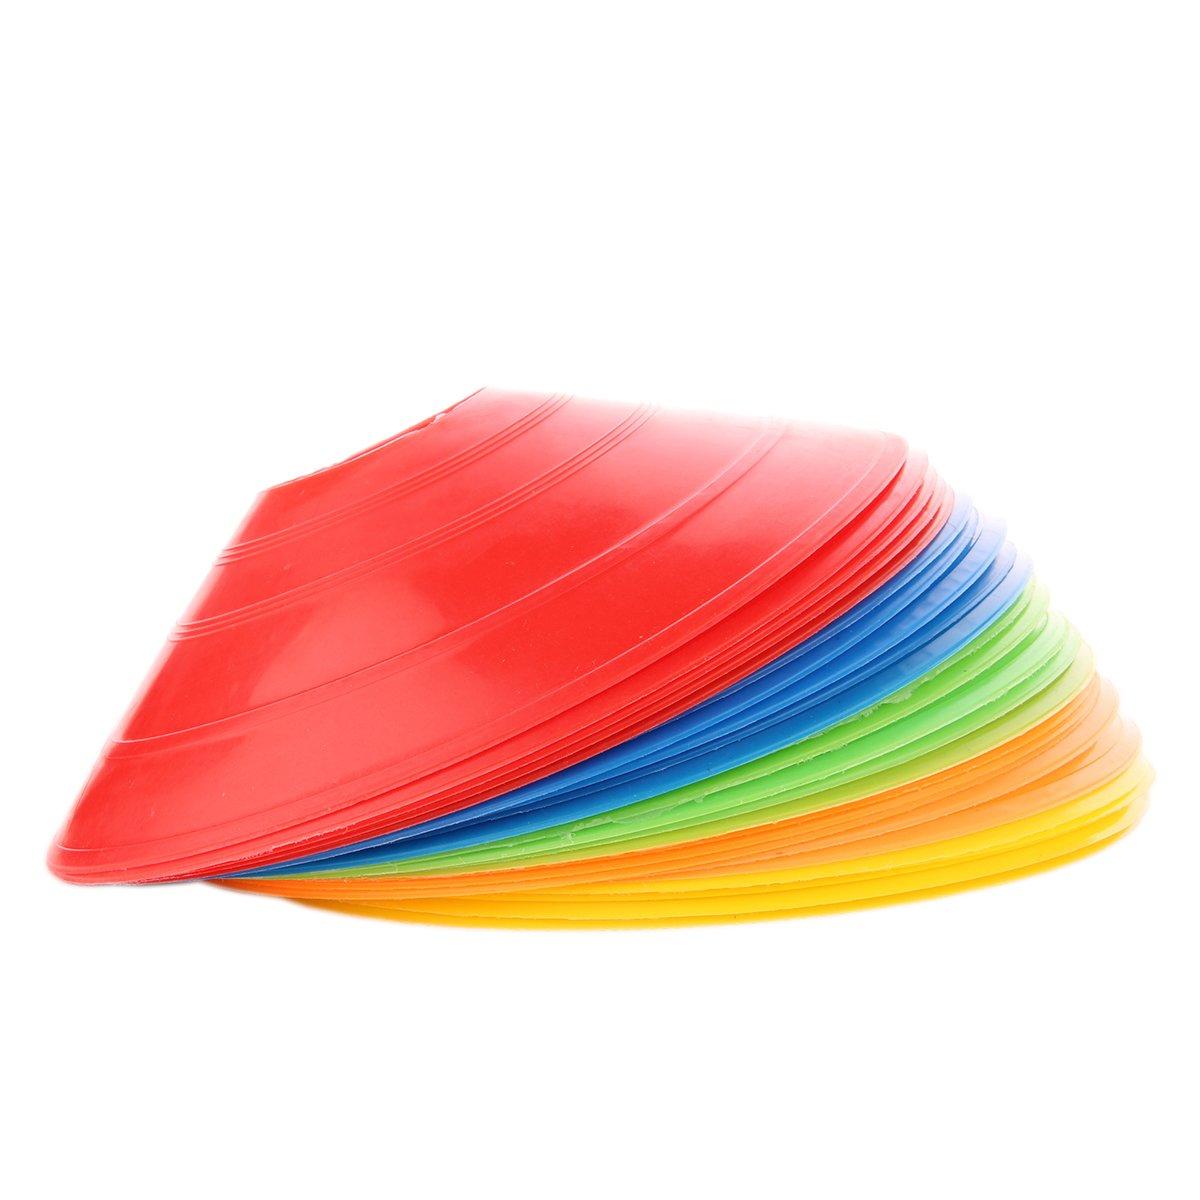 Clispeed Coni per dischi di calcio da 25 pezzi Coni da calcio per coni di agilità per allenamento, calcio, bambini, sport, marcatori a cono di campo Indicatori di campo Coni d'allenamento a più colori